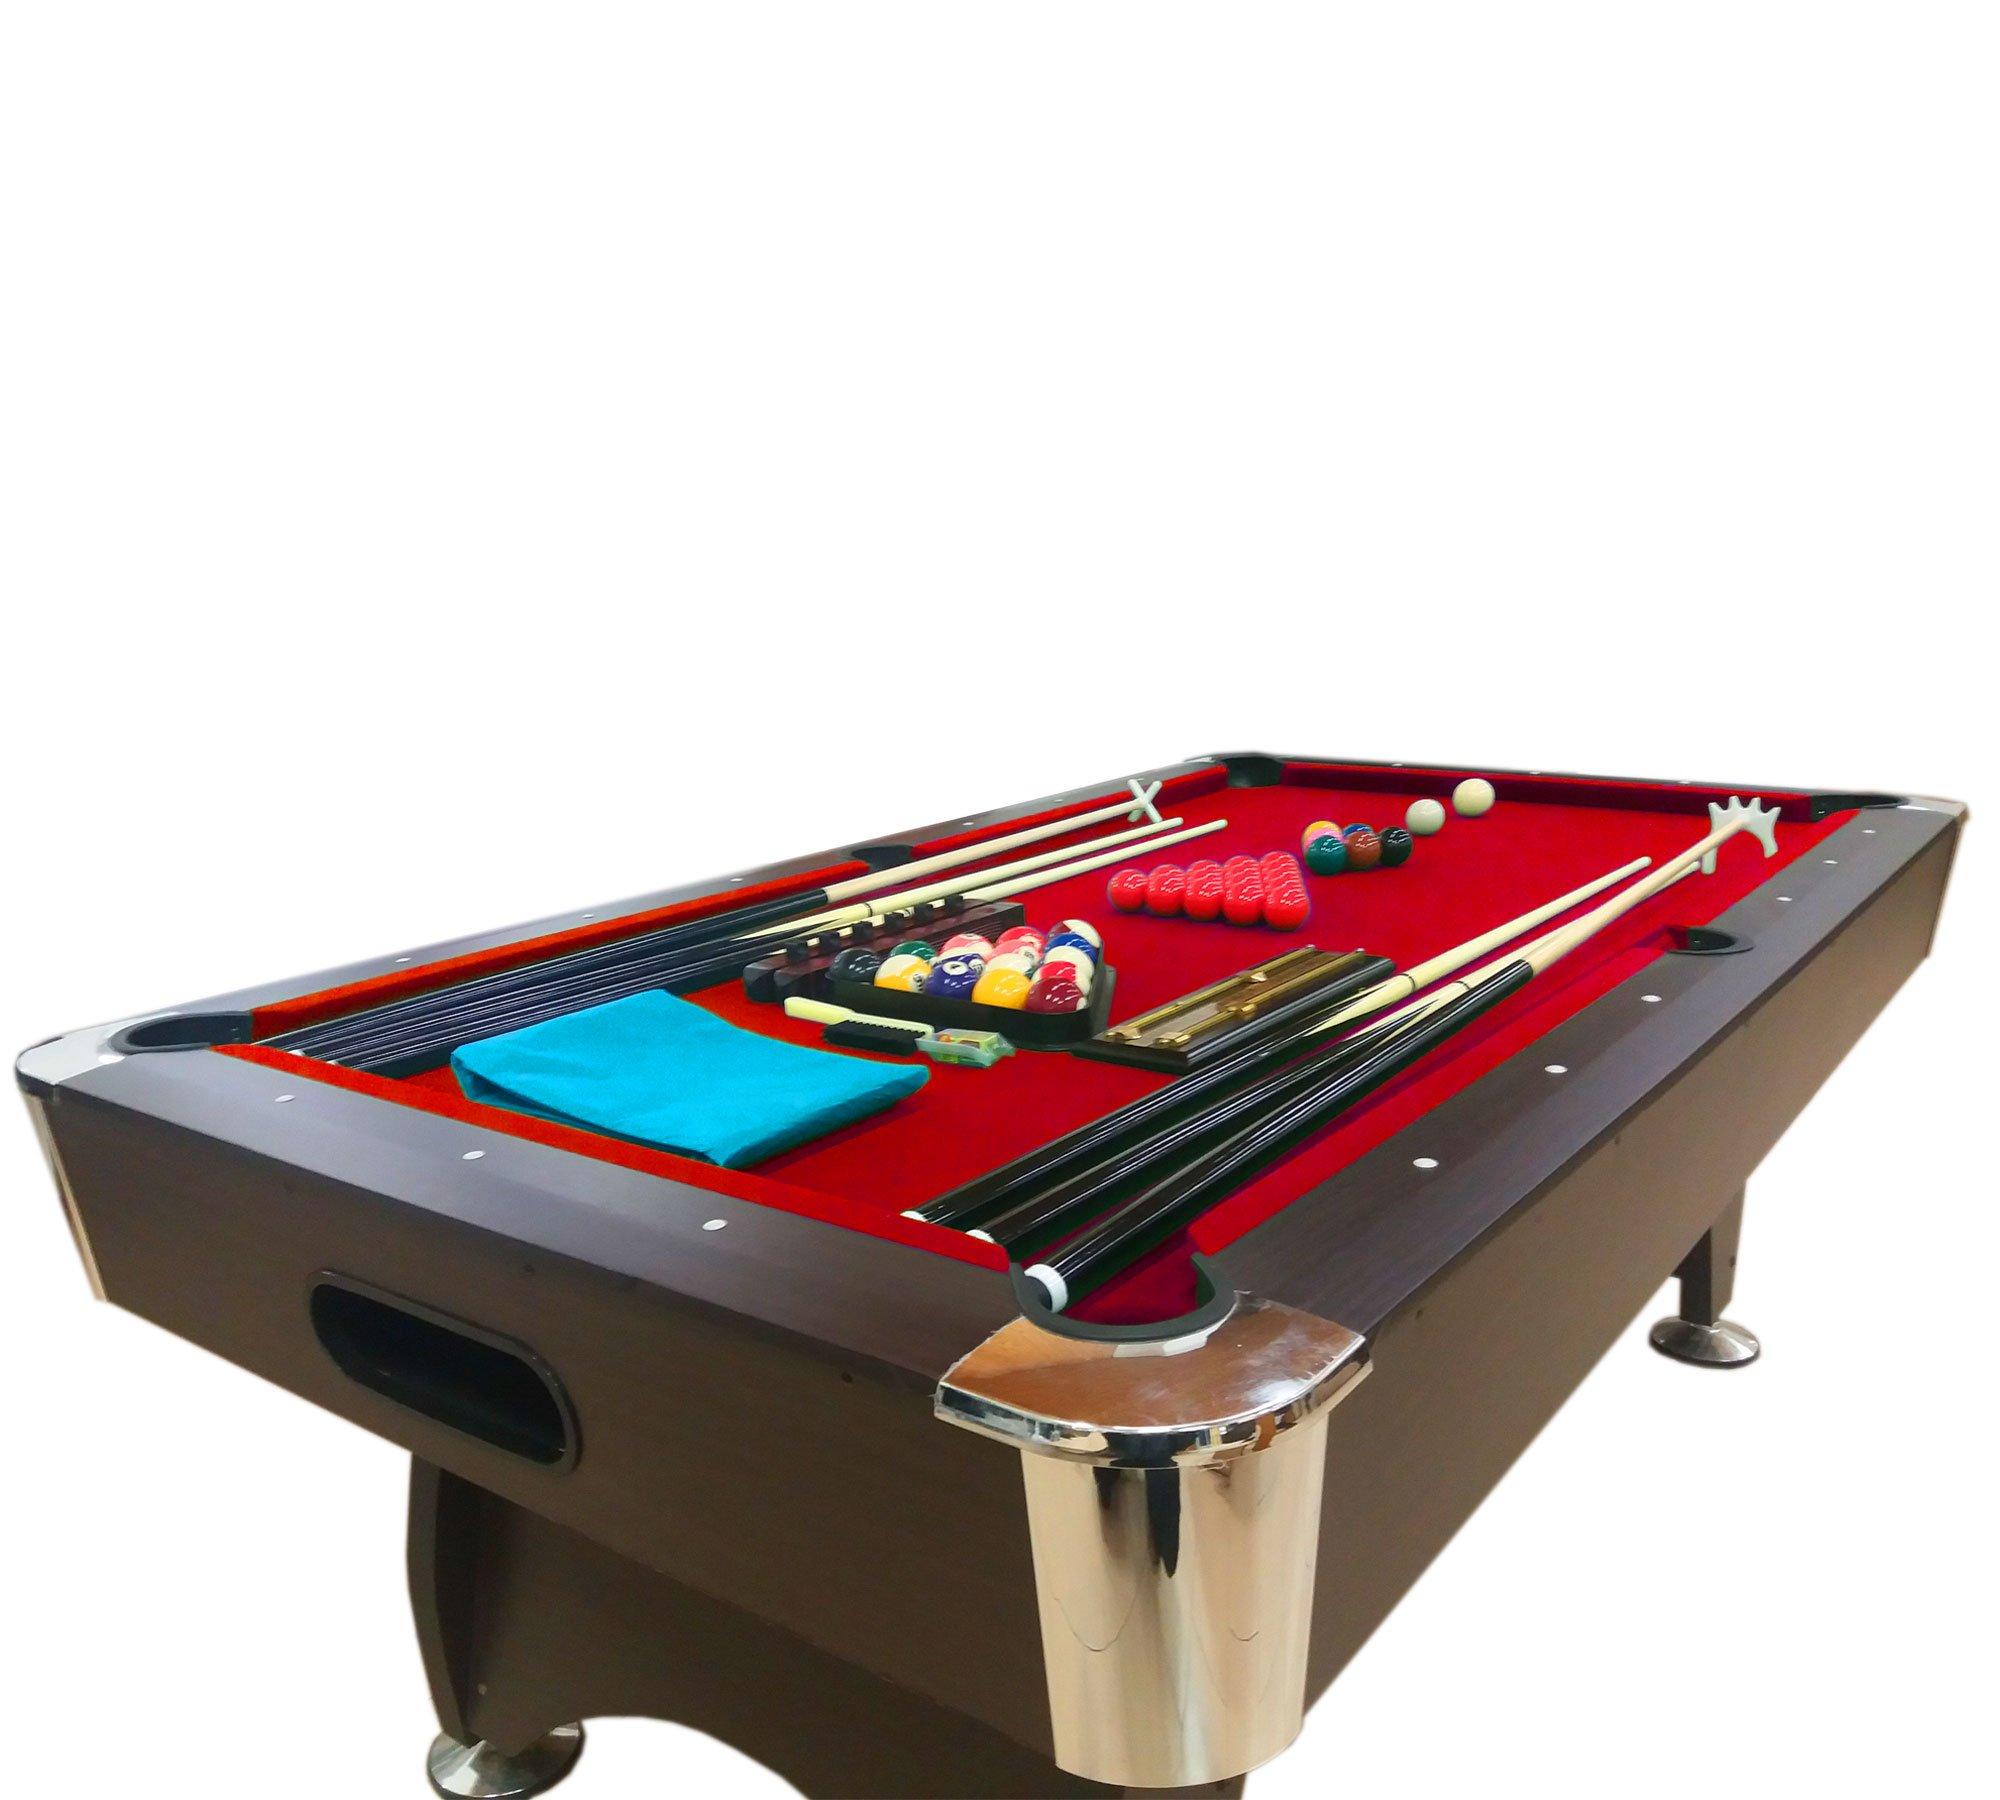 Simba Srl Mesa de Billar Juegos de Billar Pool 7 ft Medición de 188 X 96 cm Full Carambola: Amazon.es: Deportes y aire libre